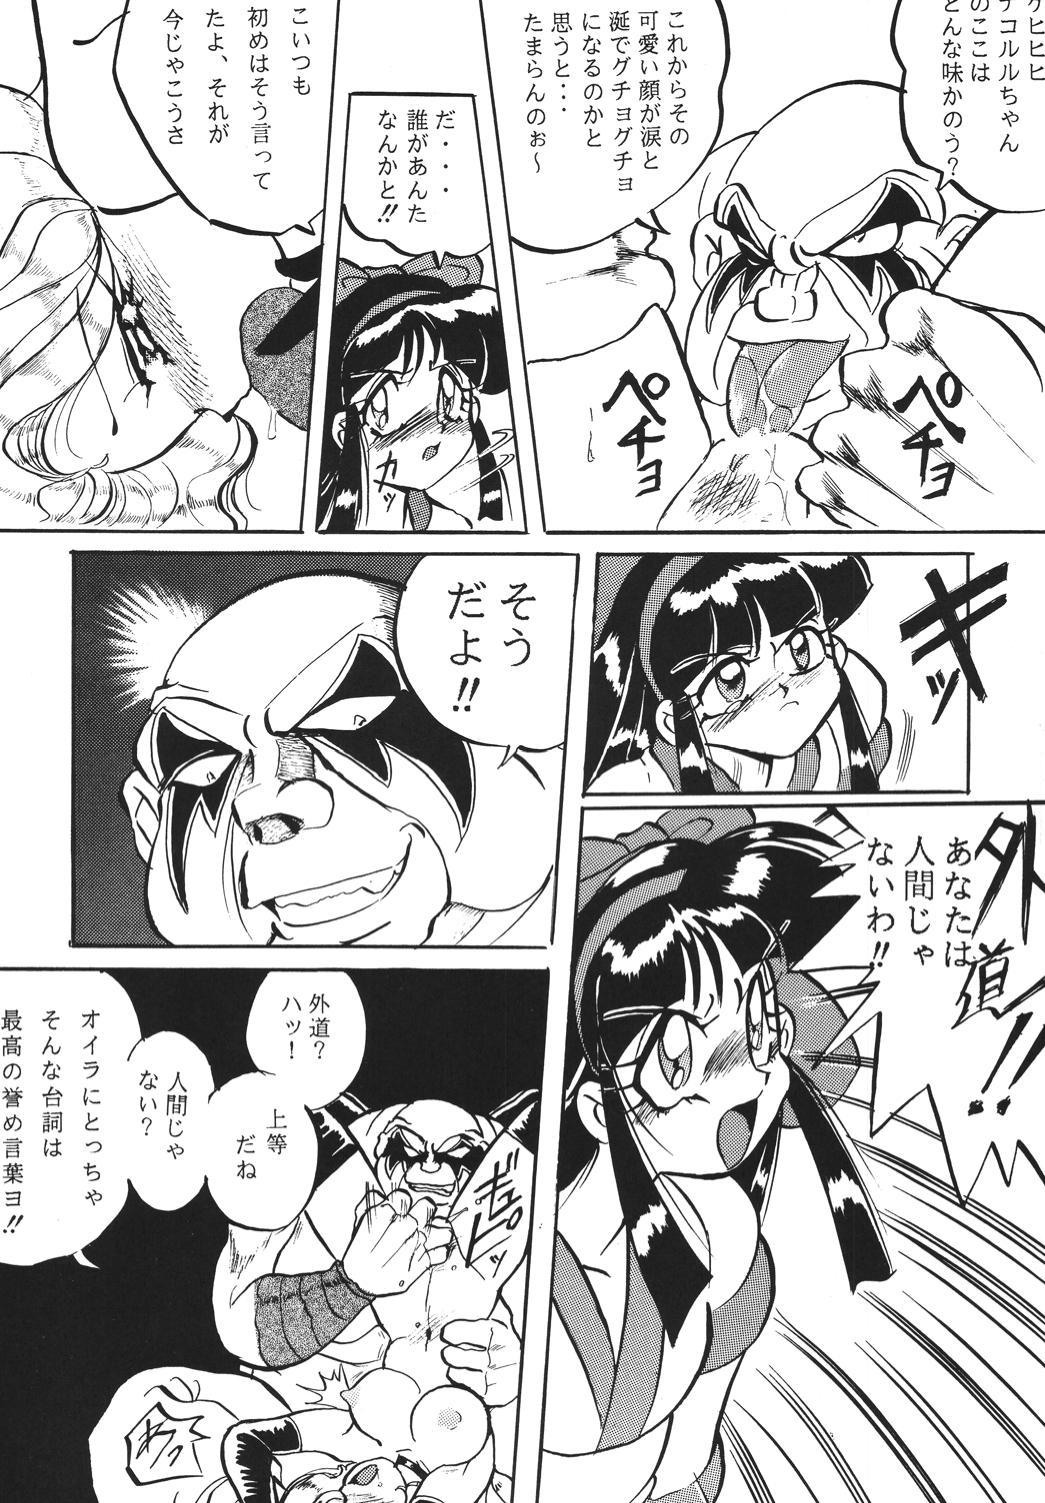 Shinkon 15